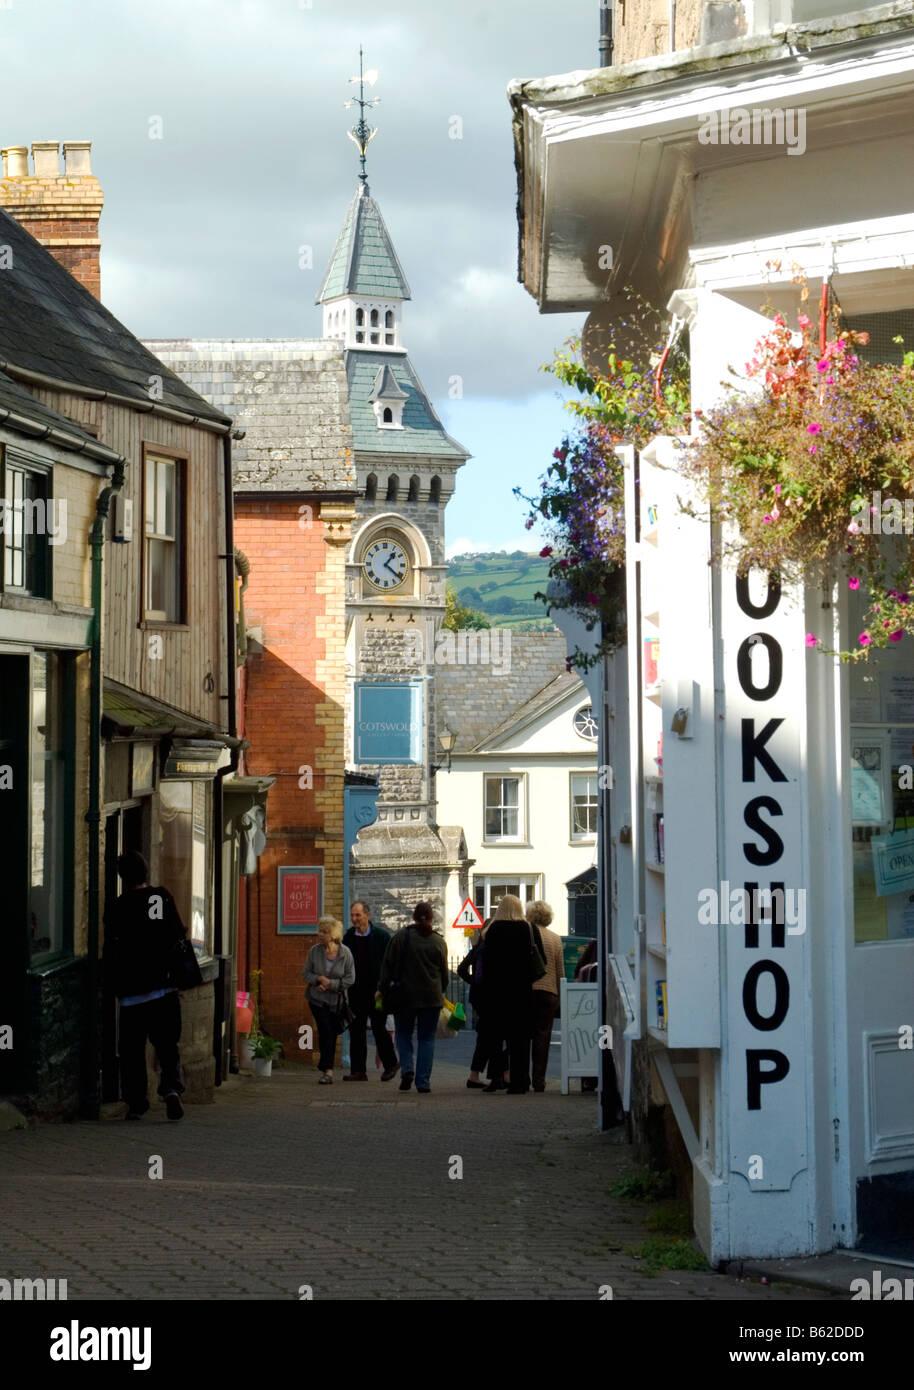 Streets of Hay-on-Wye, Wales, UK - Stock Image